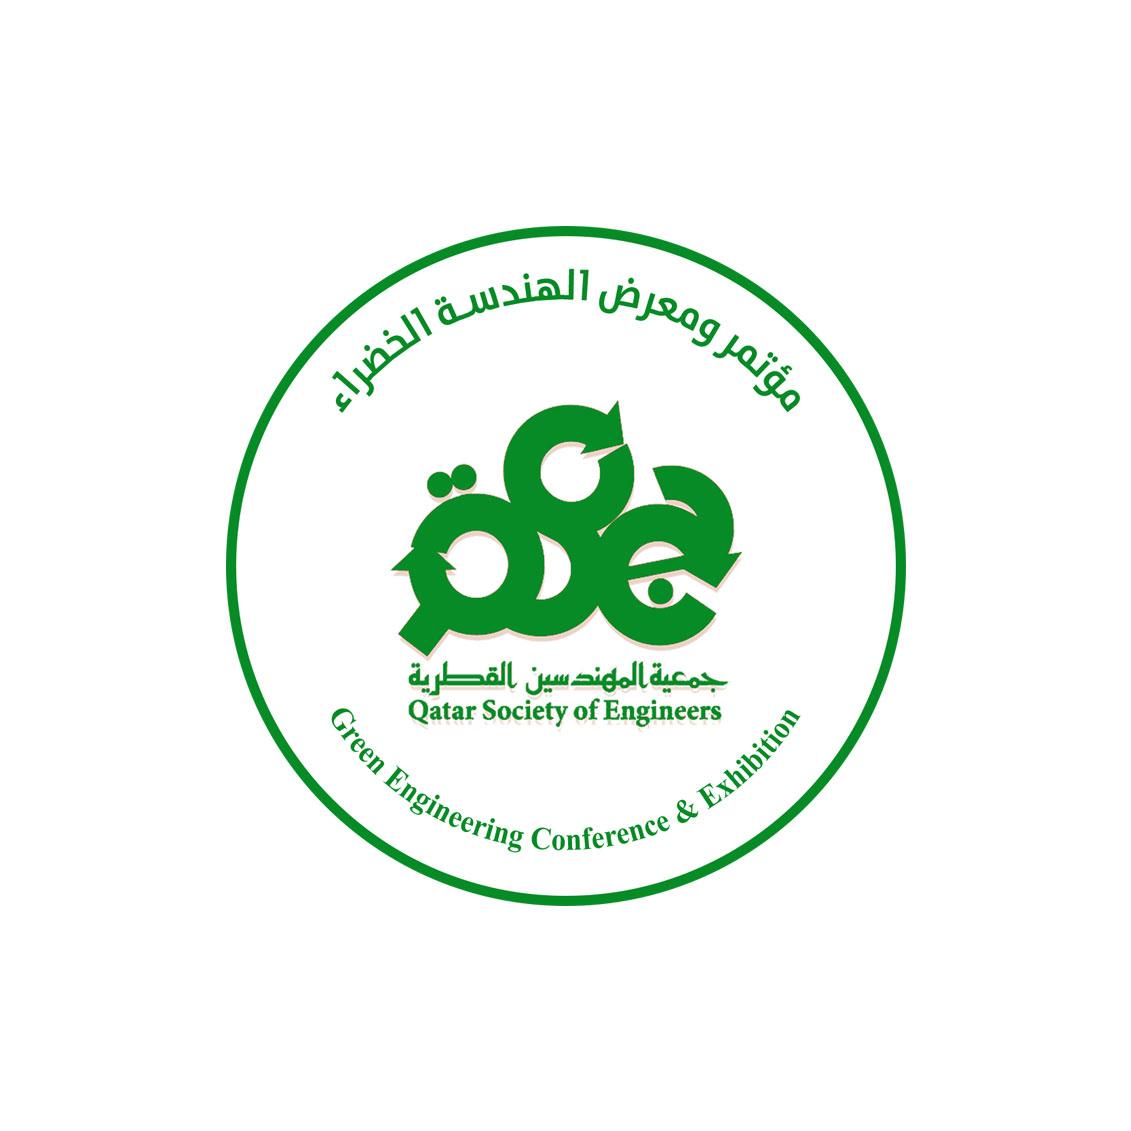 """تحت رعاية وزير الطاقة والصناعة..الجمعية تطلق مؤتمر """"الهندسة الخضراء"""" إبريل المقبل"""